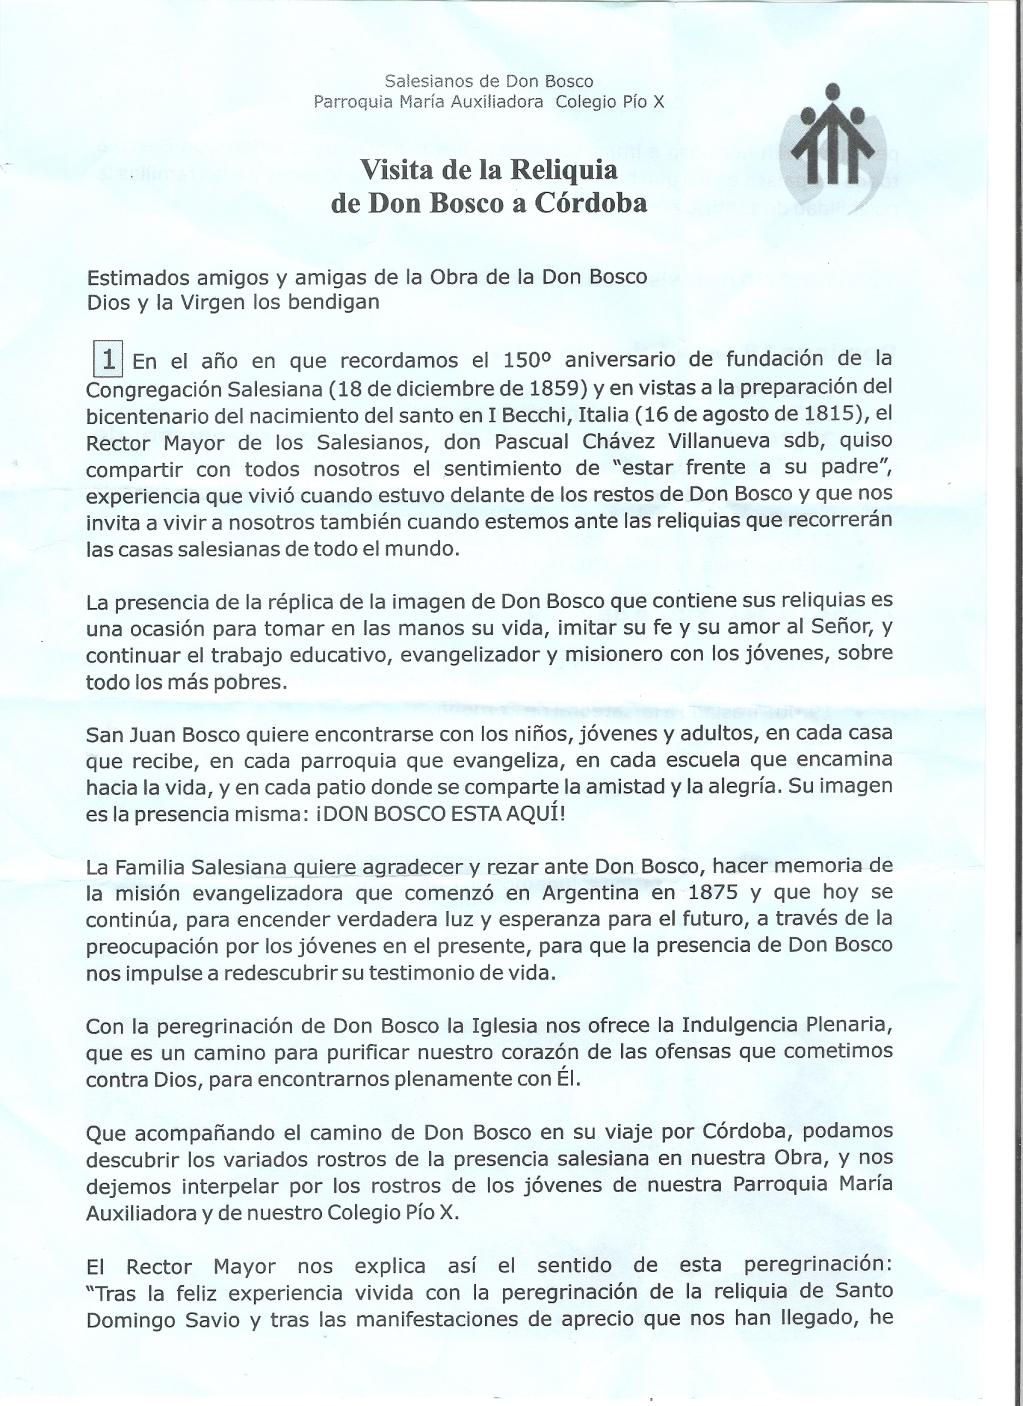 COMUNICACION DIRIGIDA A LA FAMILIA SALESIANA POR EL DIRECTOR DEL COLEGIO PIO X